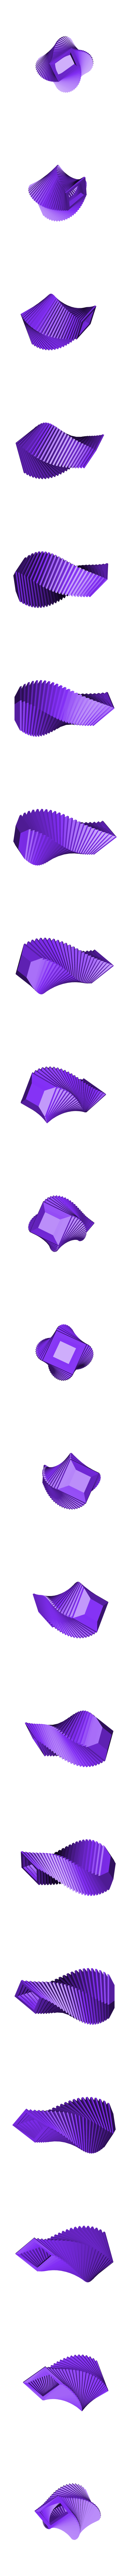 Arrayed_Vase_7a.STL Download STL file Arrayed Vase 7 • 3D print template, David_Mussaffi